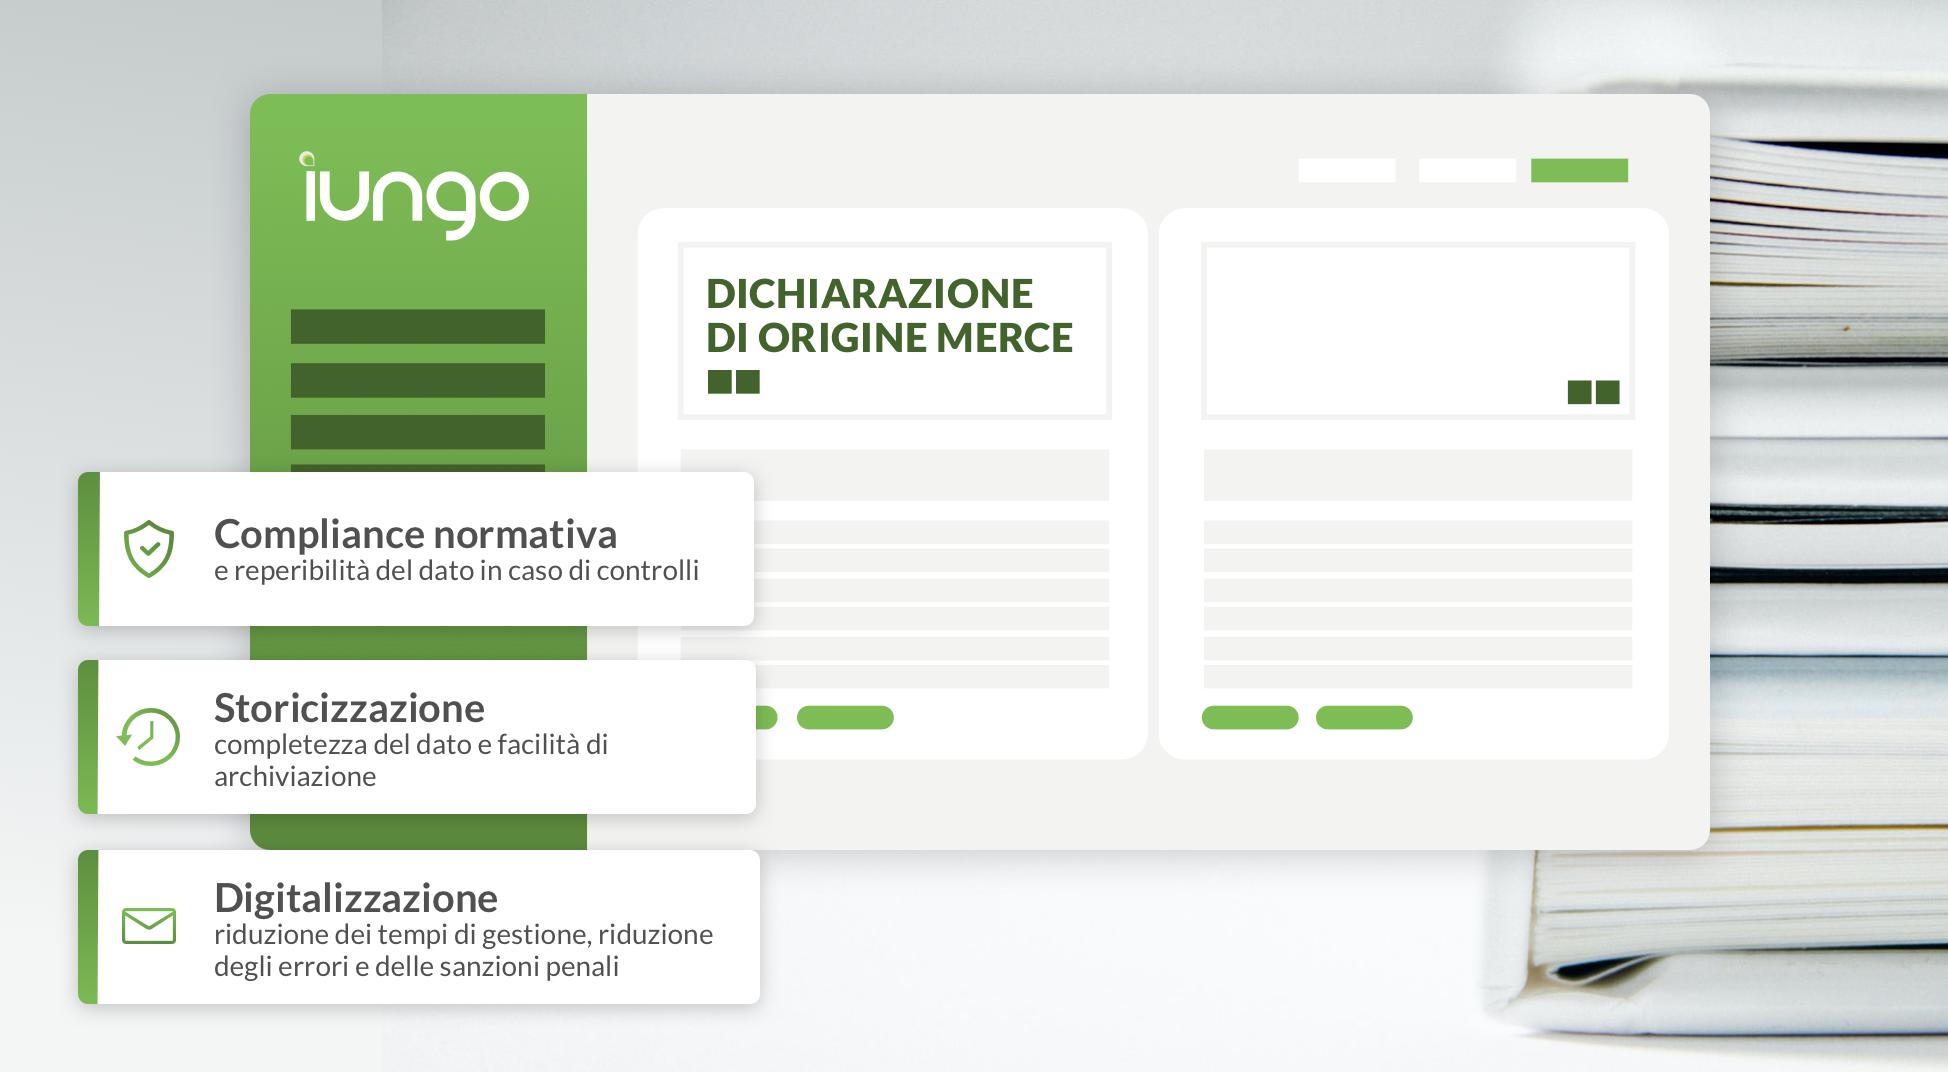 digitalizza dichiarazioni di origine